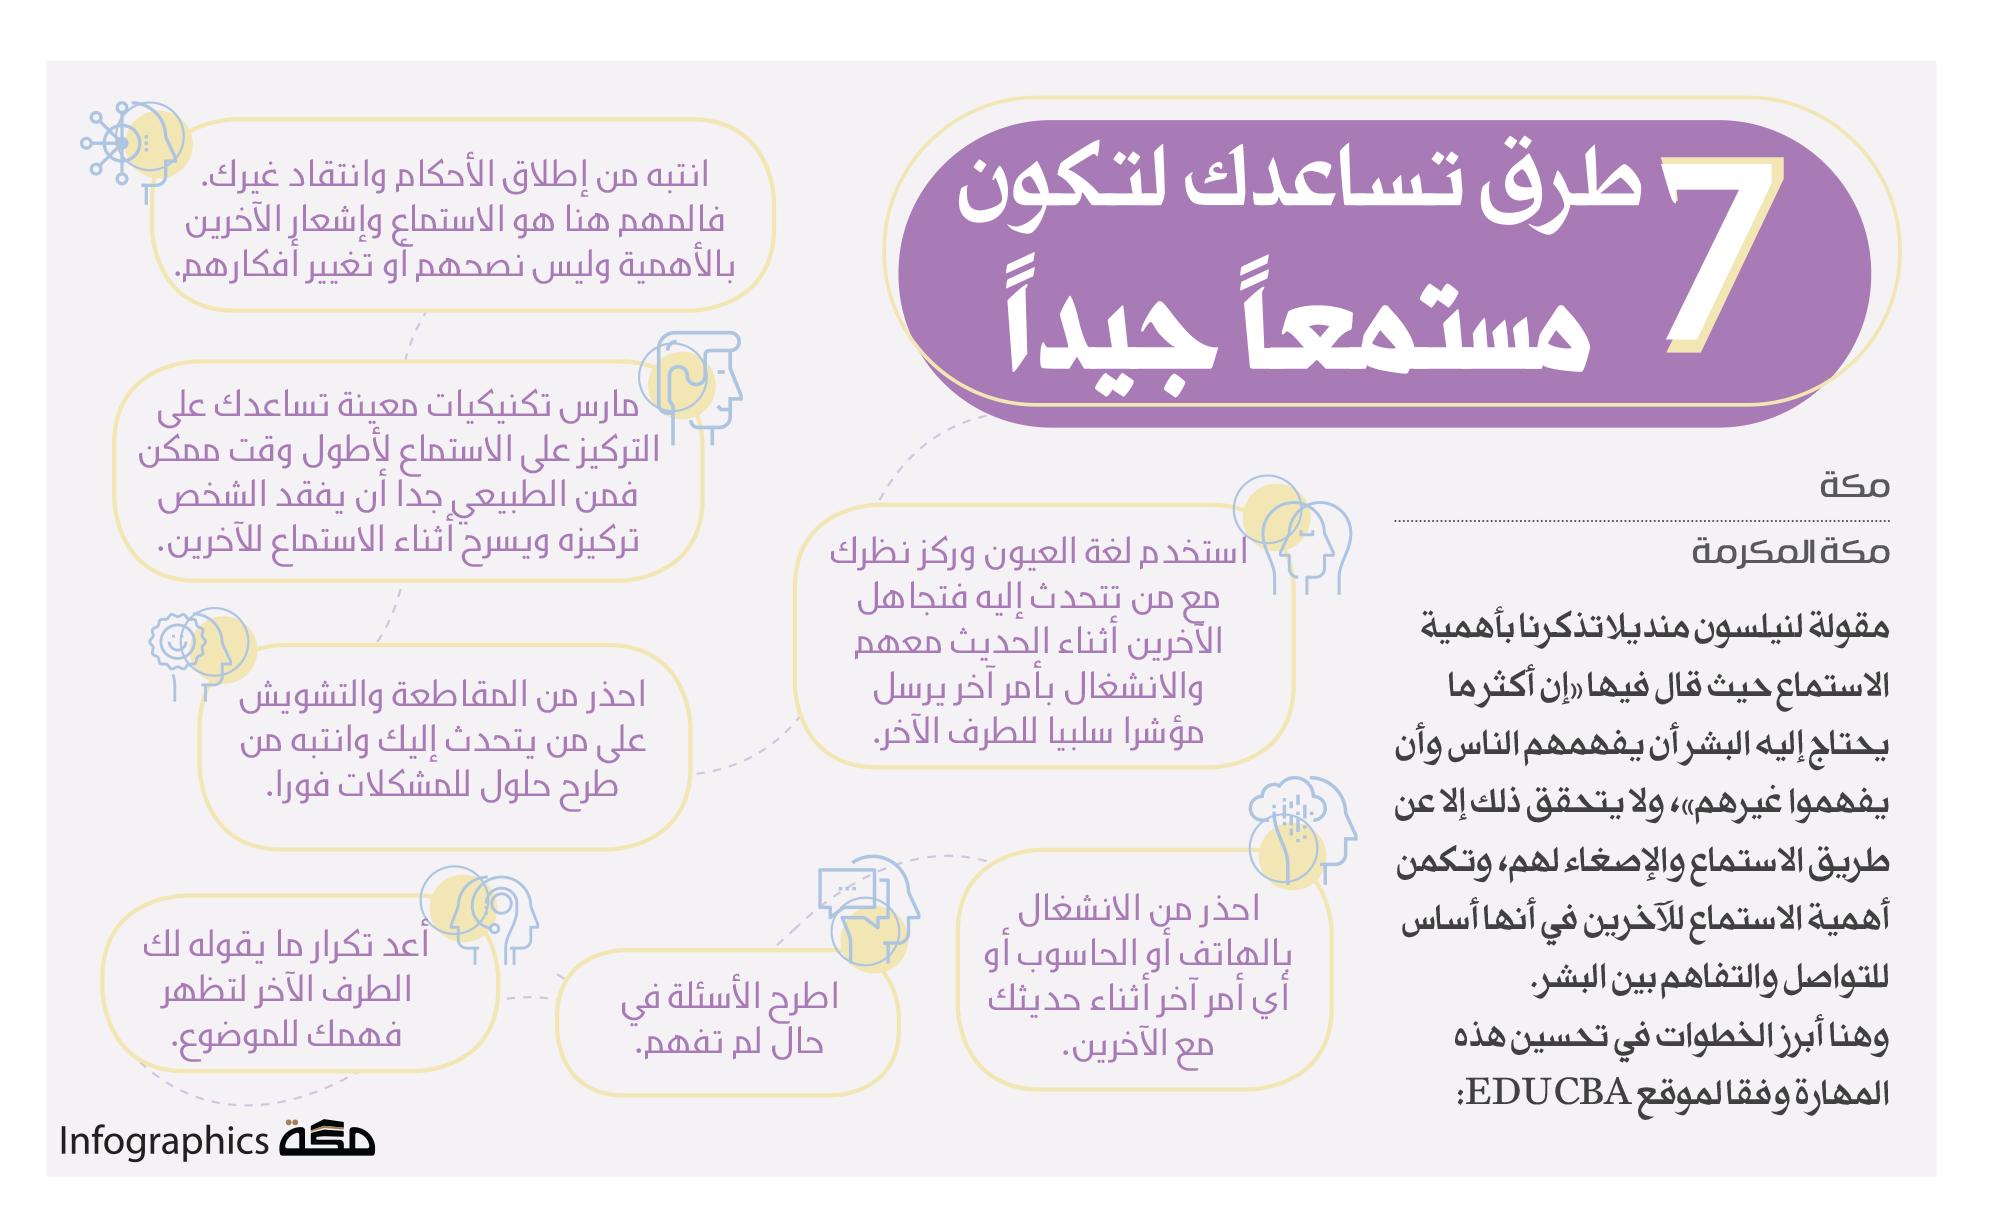 فن الإنصات الإنصات انفوجرافيك صحيفة مكة Infographic Bullet Journal Jjill